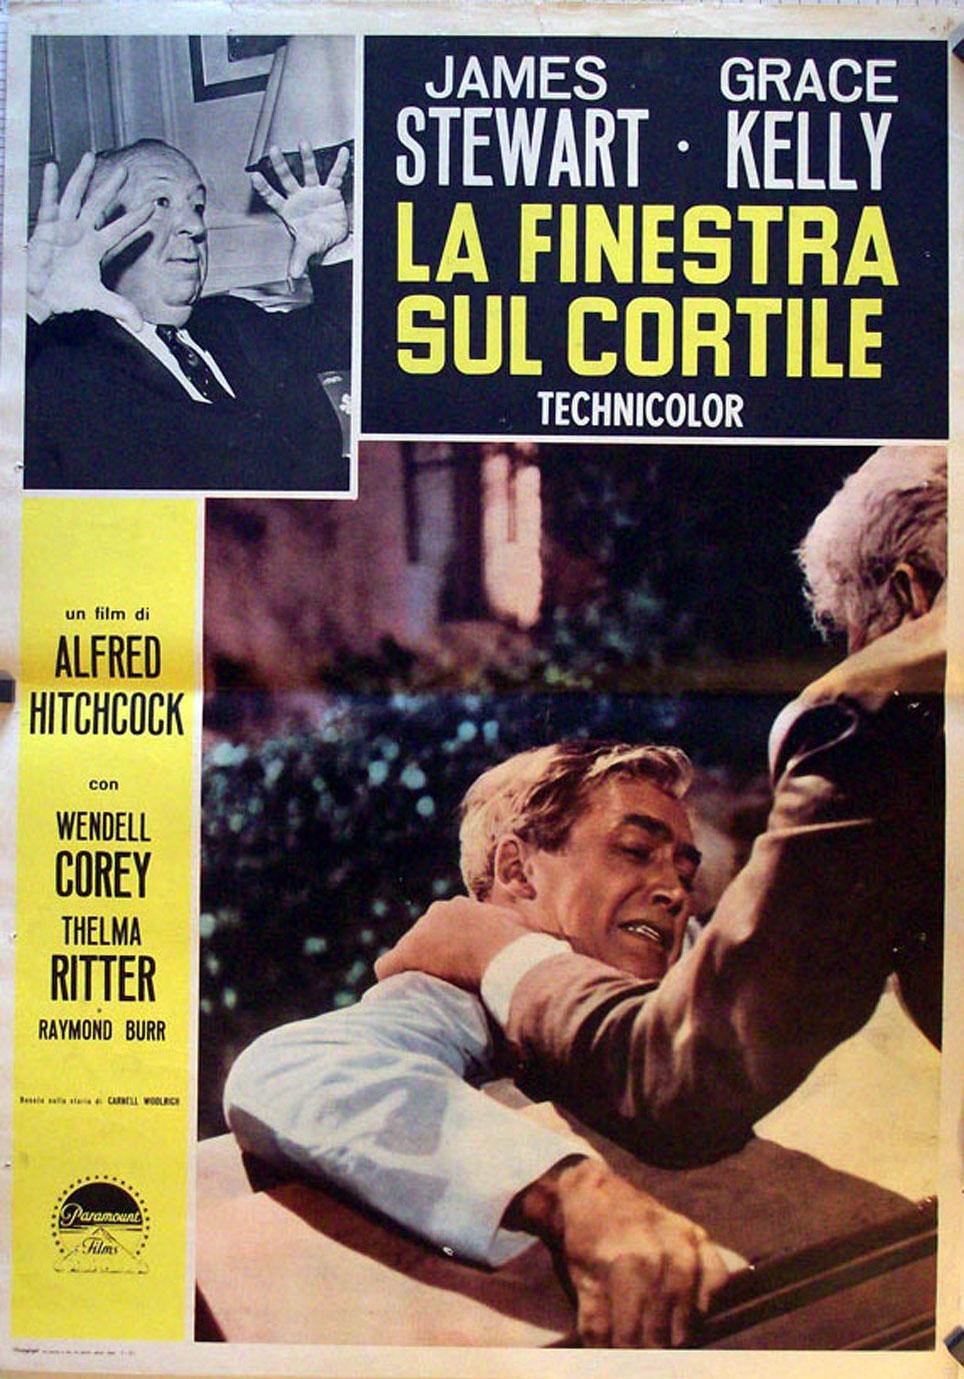 La ventana indiscreta movie poster rear window movie poster - Alfred hitchcock la finestra sul cortile ...